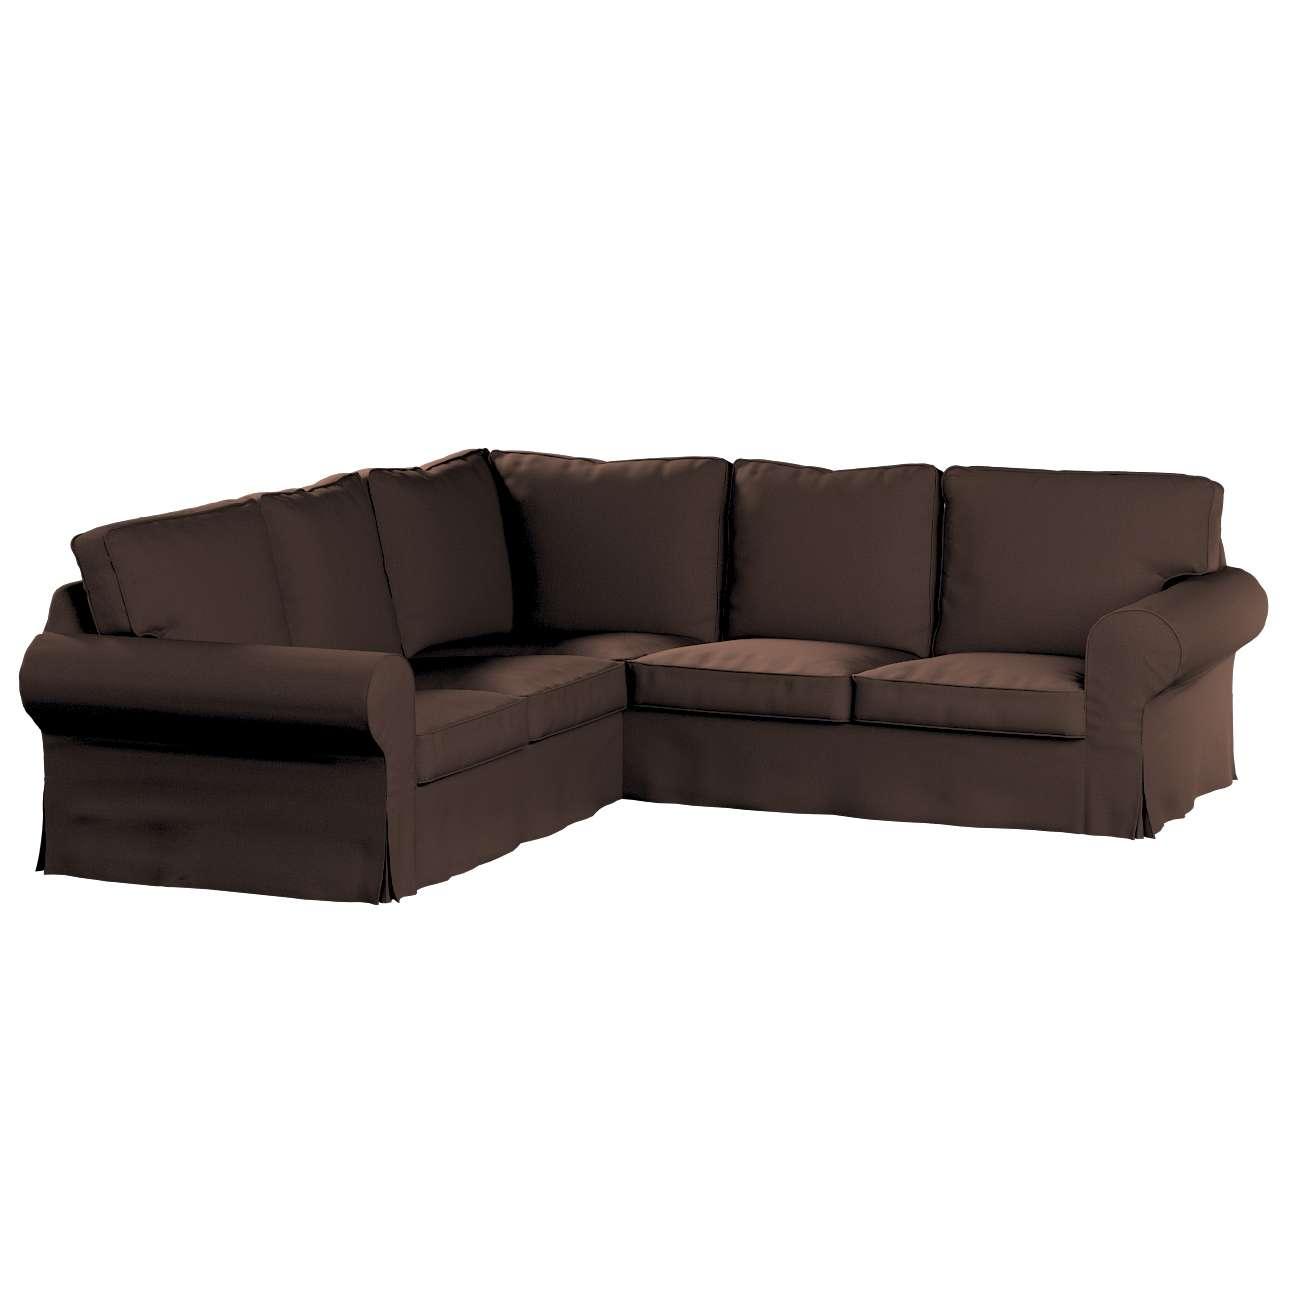 Pokrowiec na sofę narożną Ektorp w kolekcji Bergen, tkanina: 161-73